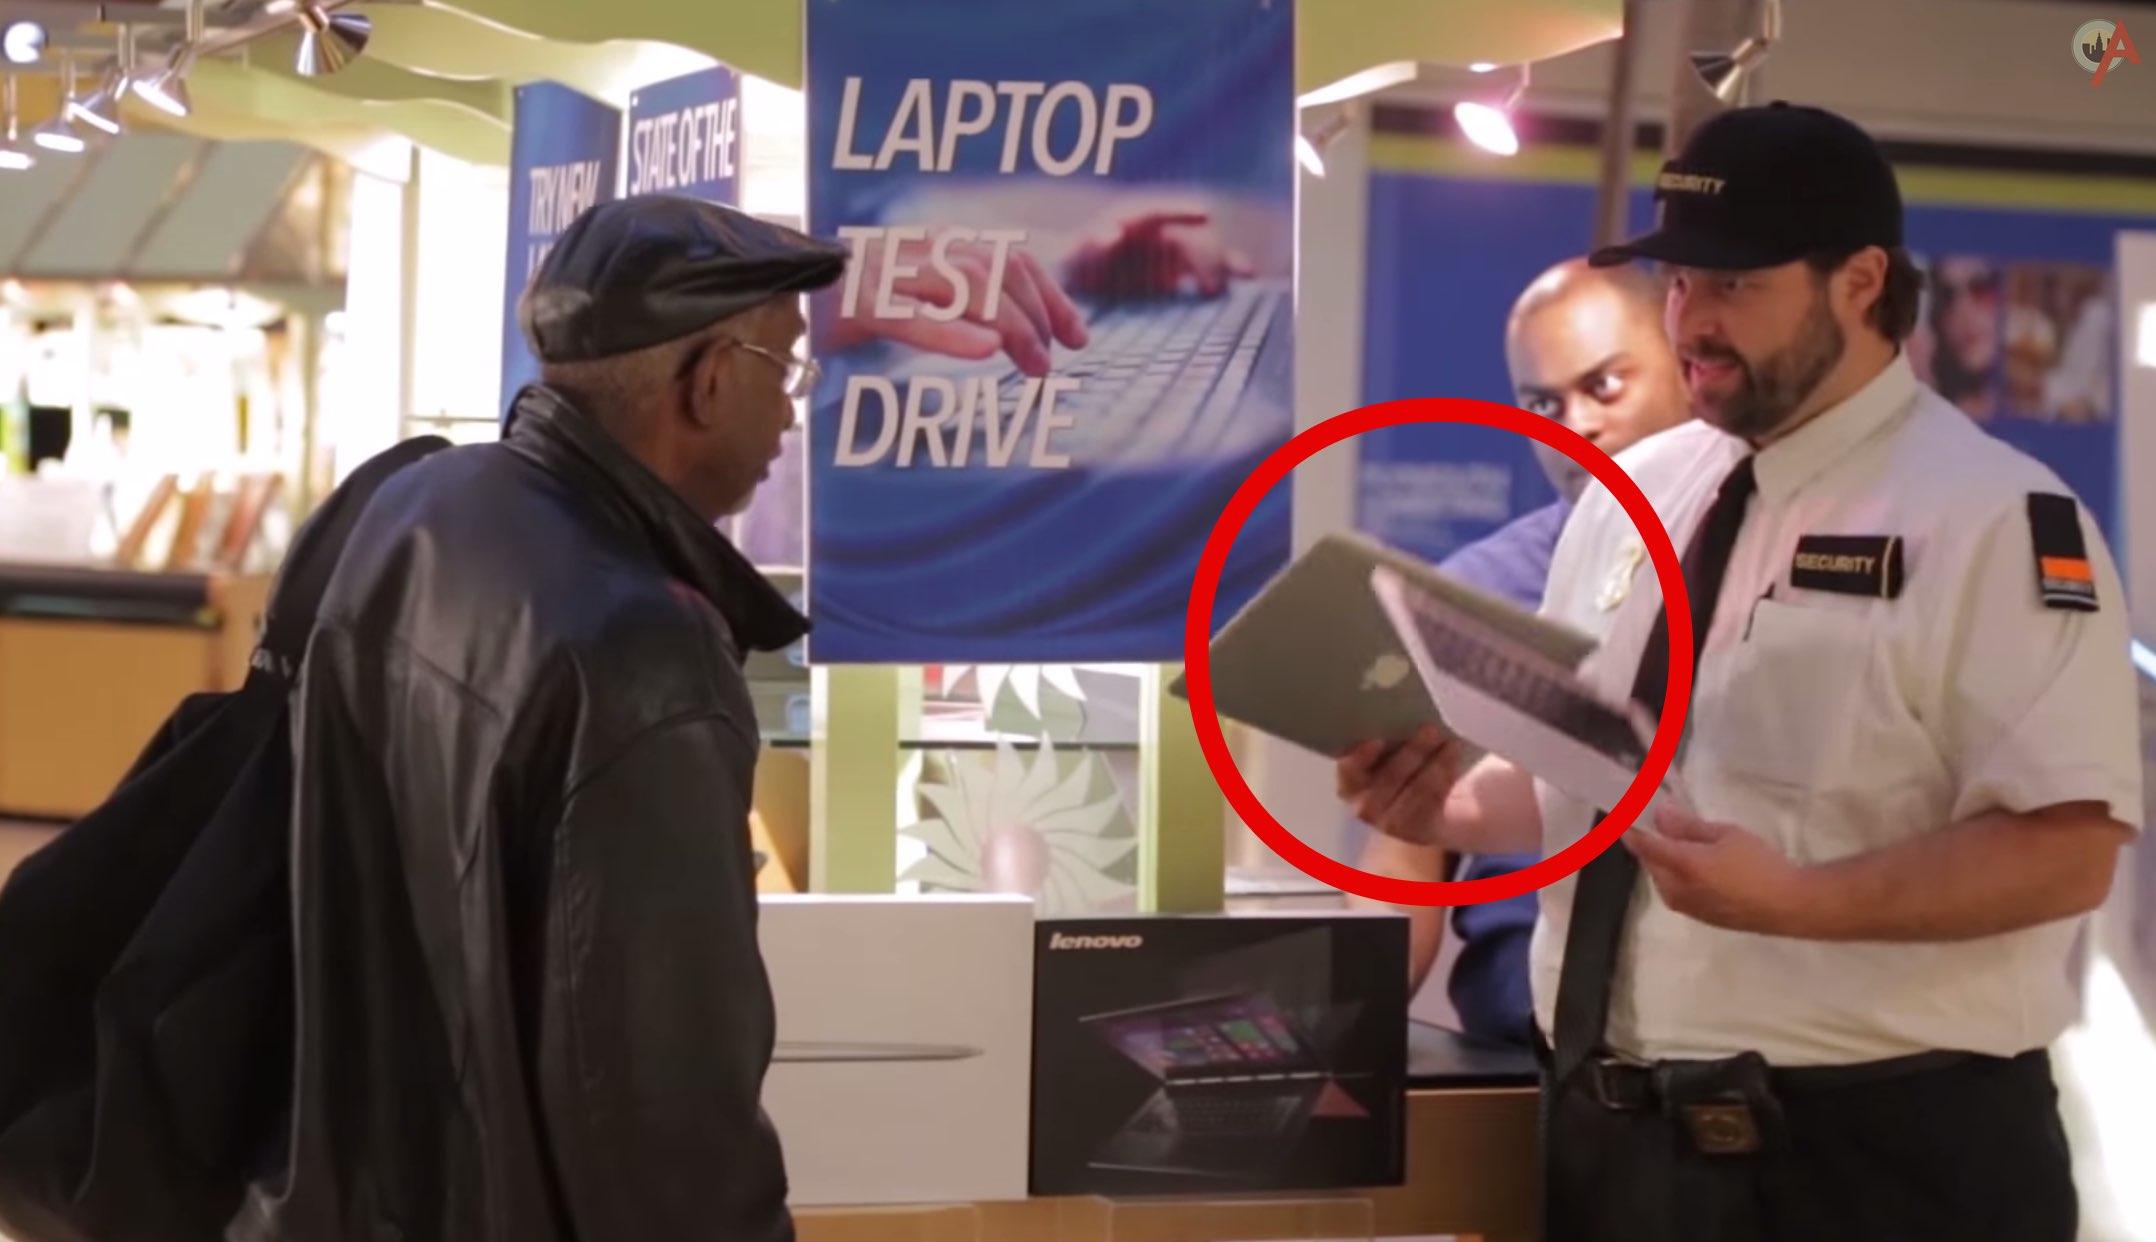 Werbeaktion: Lenovo zerbricht Apple MacBooks vor laufender Kamera 3